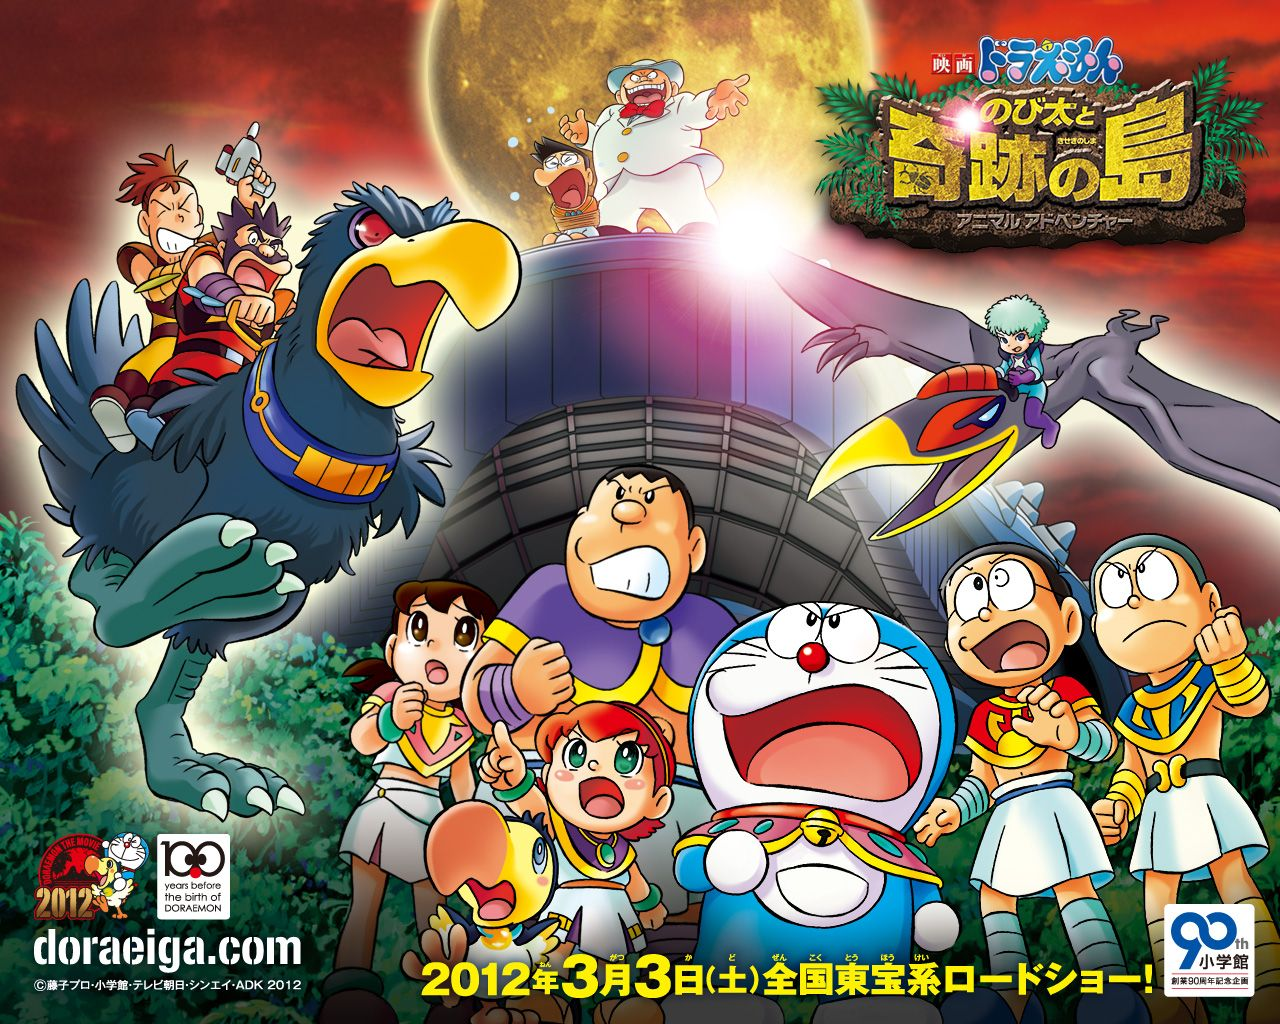 ドラえもん 壁紙 Doraemon Wallpaper Doraemon, Anime, Vòng